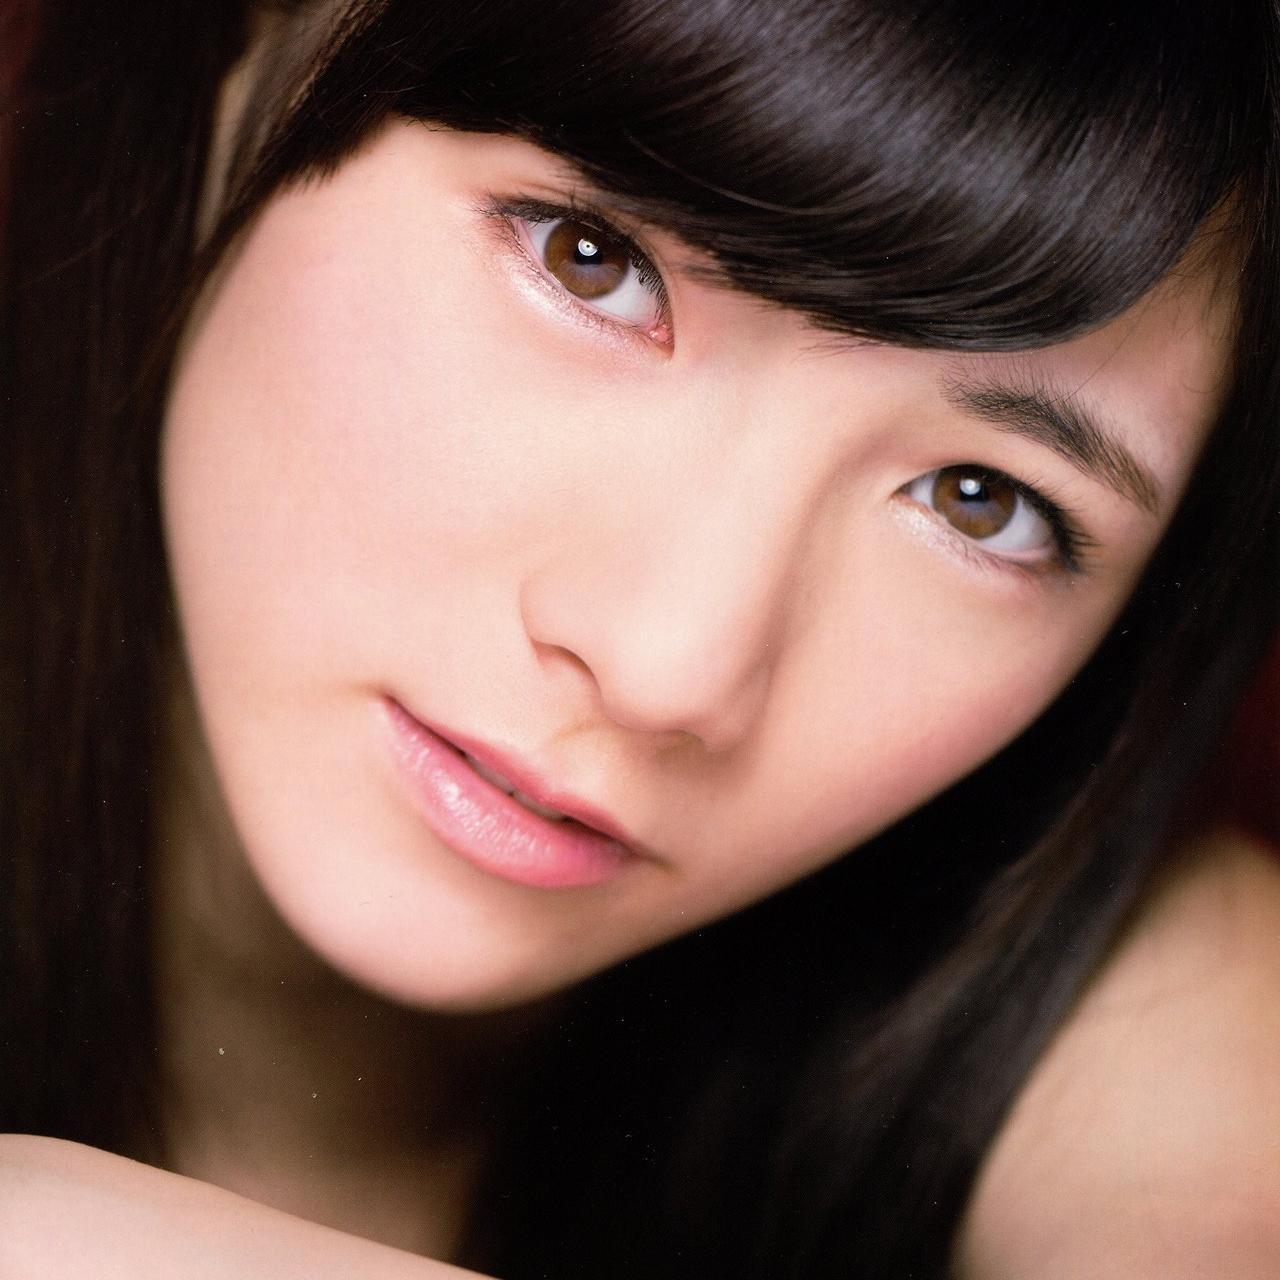 人気急上昇中!AKB48メンバーの岡田奈々の可愛い画像を大公開!のサムネイル画像